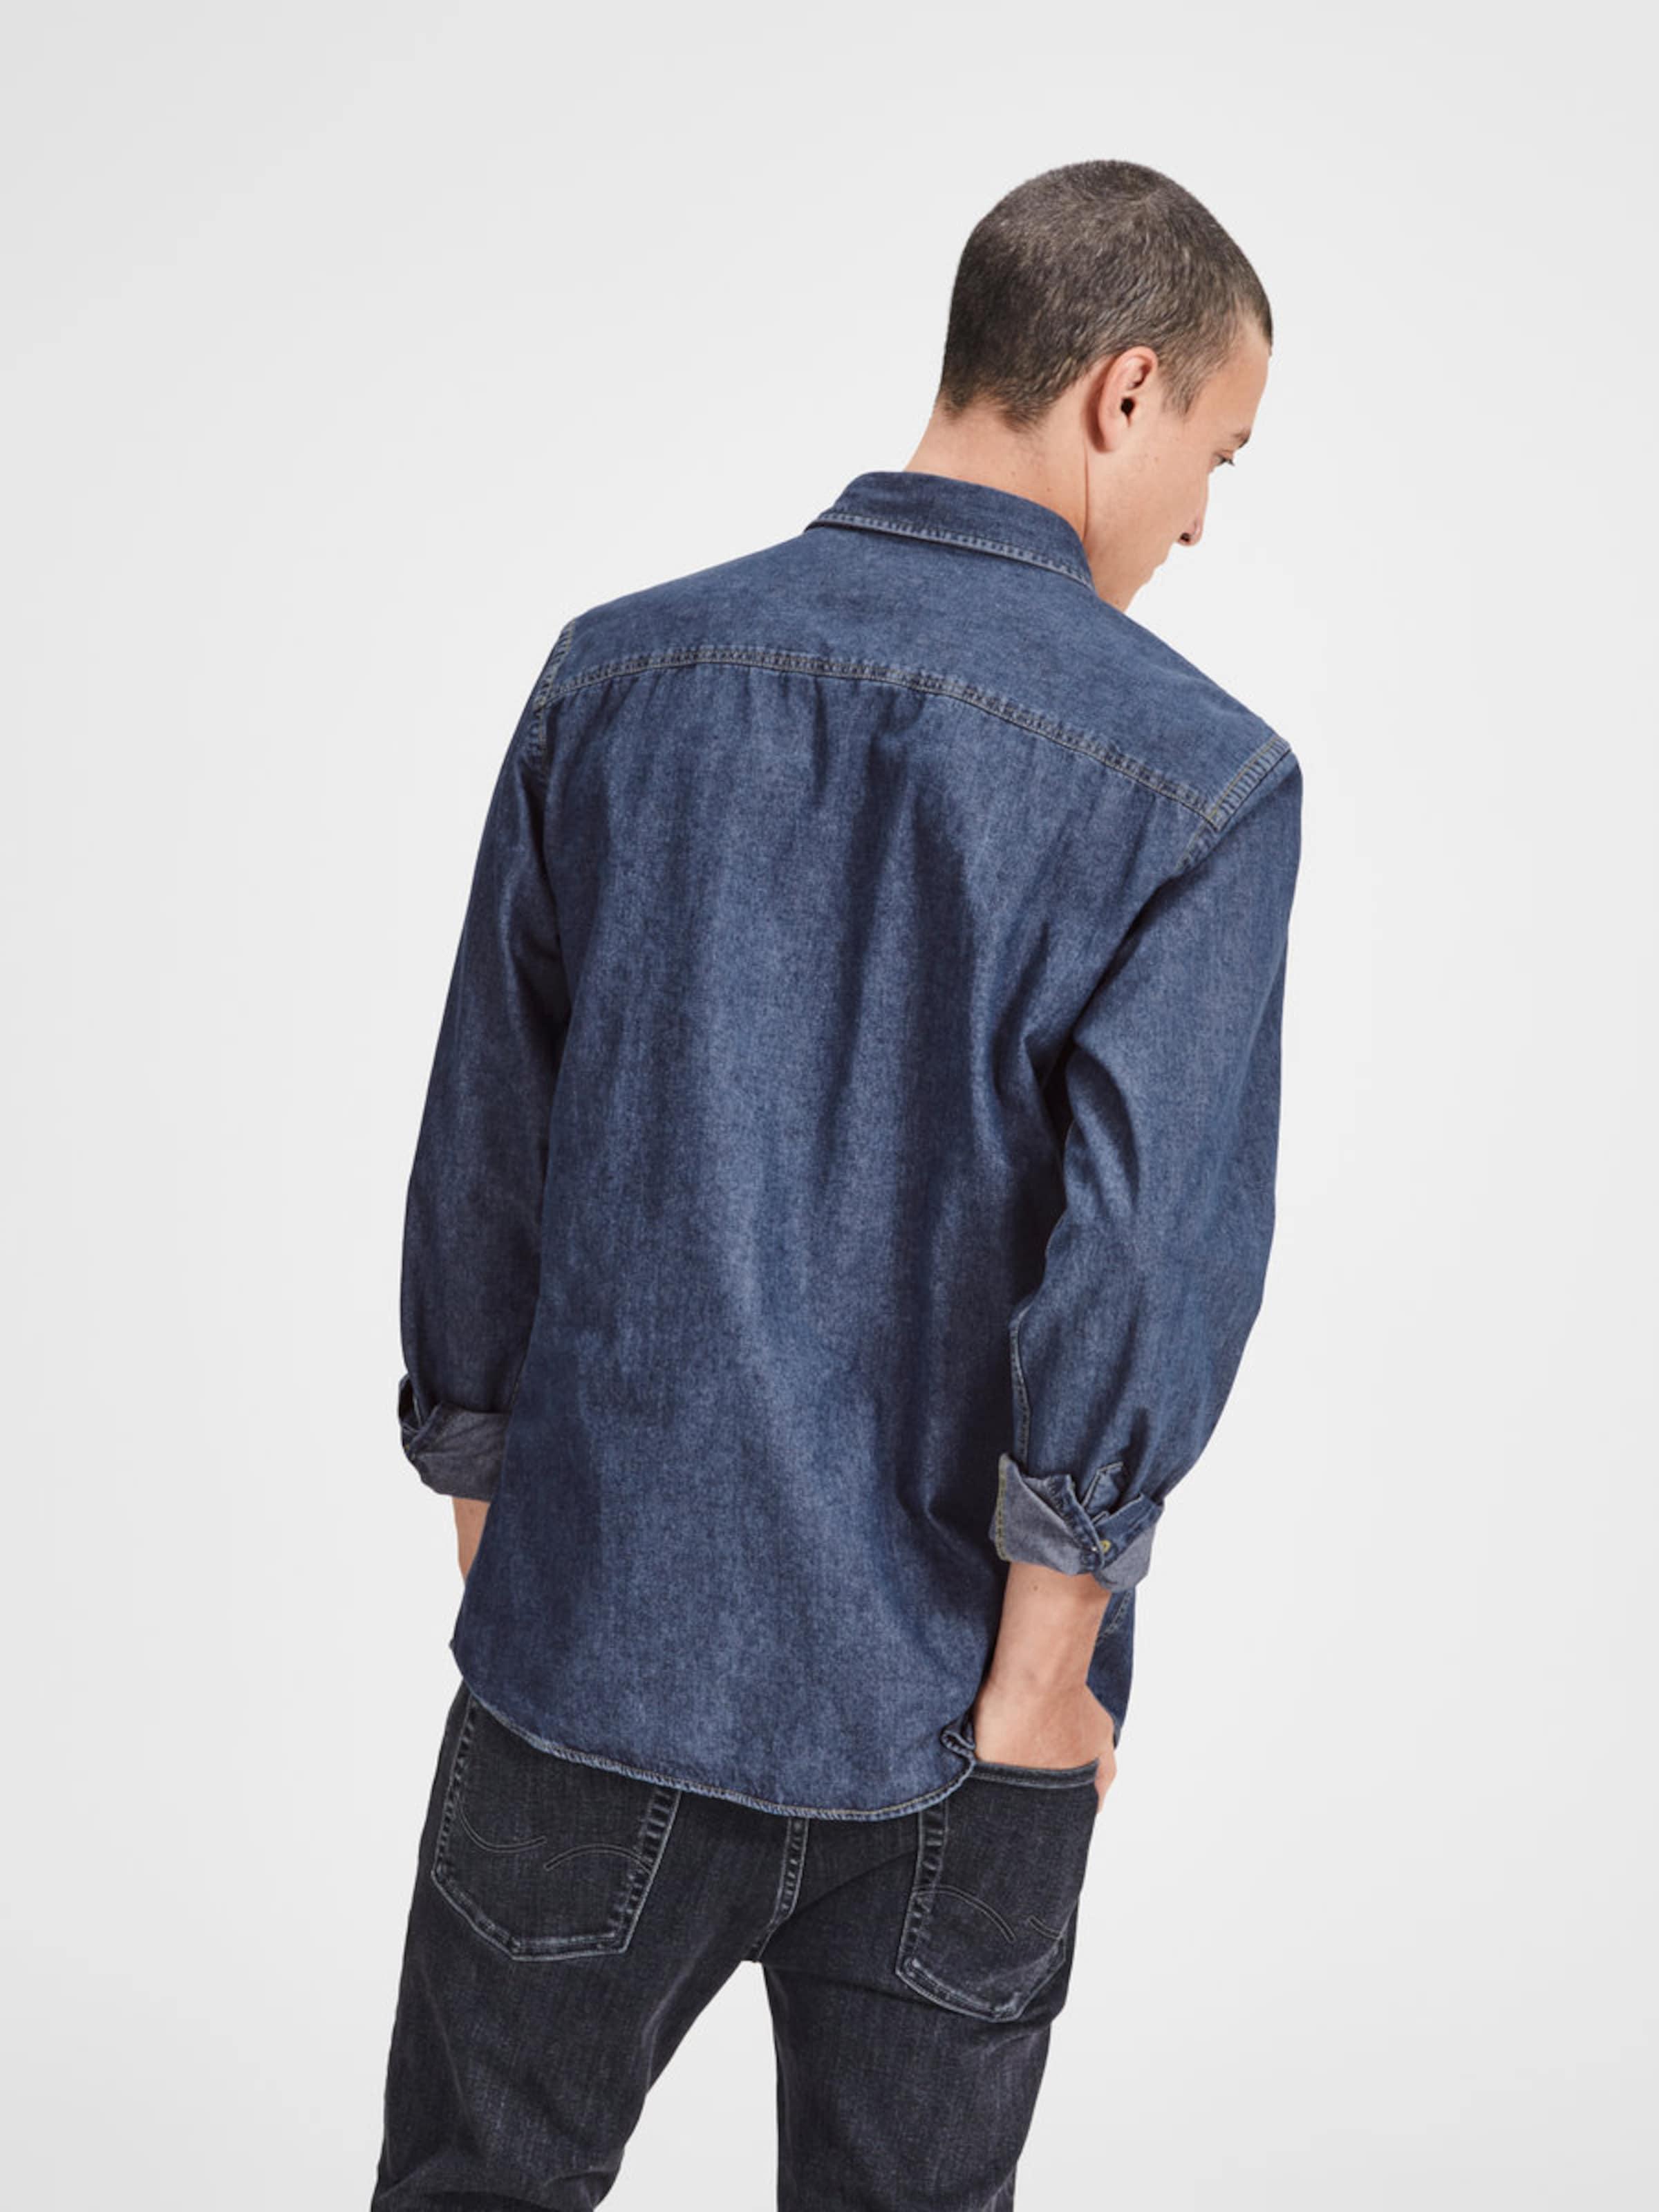 Rabatt Neuesten Kollektionen JACK & JONES Klassisches Kurzarmhemd Billig Verkauf Verkauf Billig Verkauf Footlocker Bilder Für Schönen Verkauf Online Xs3TUx21Cc